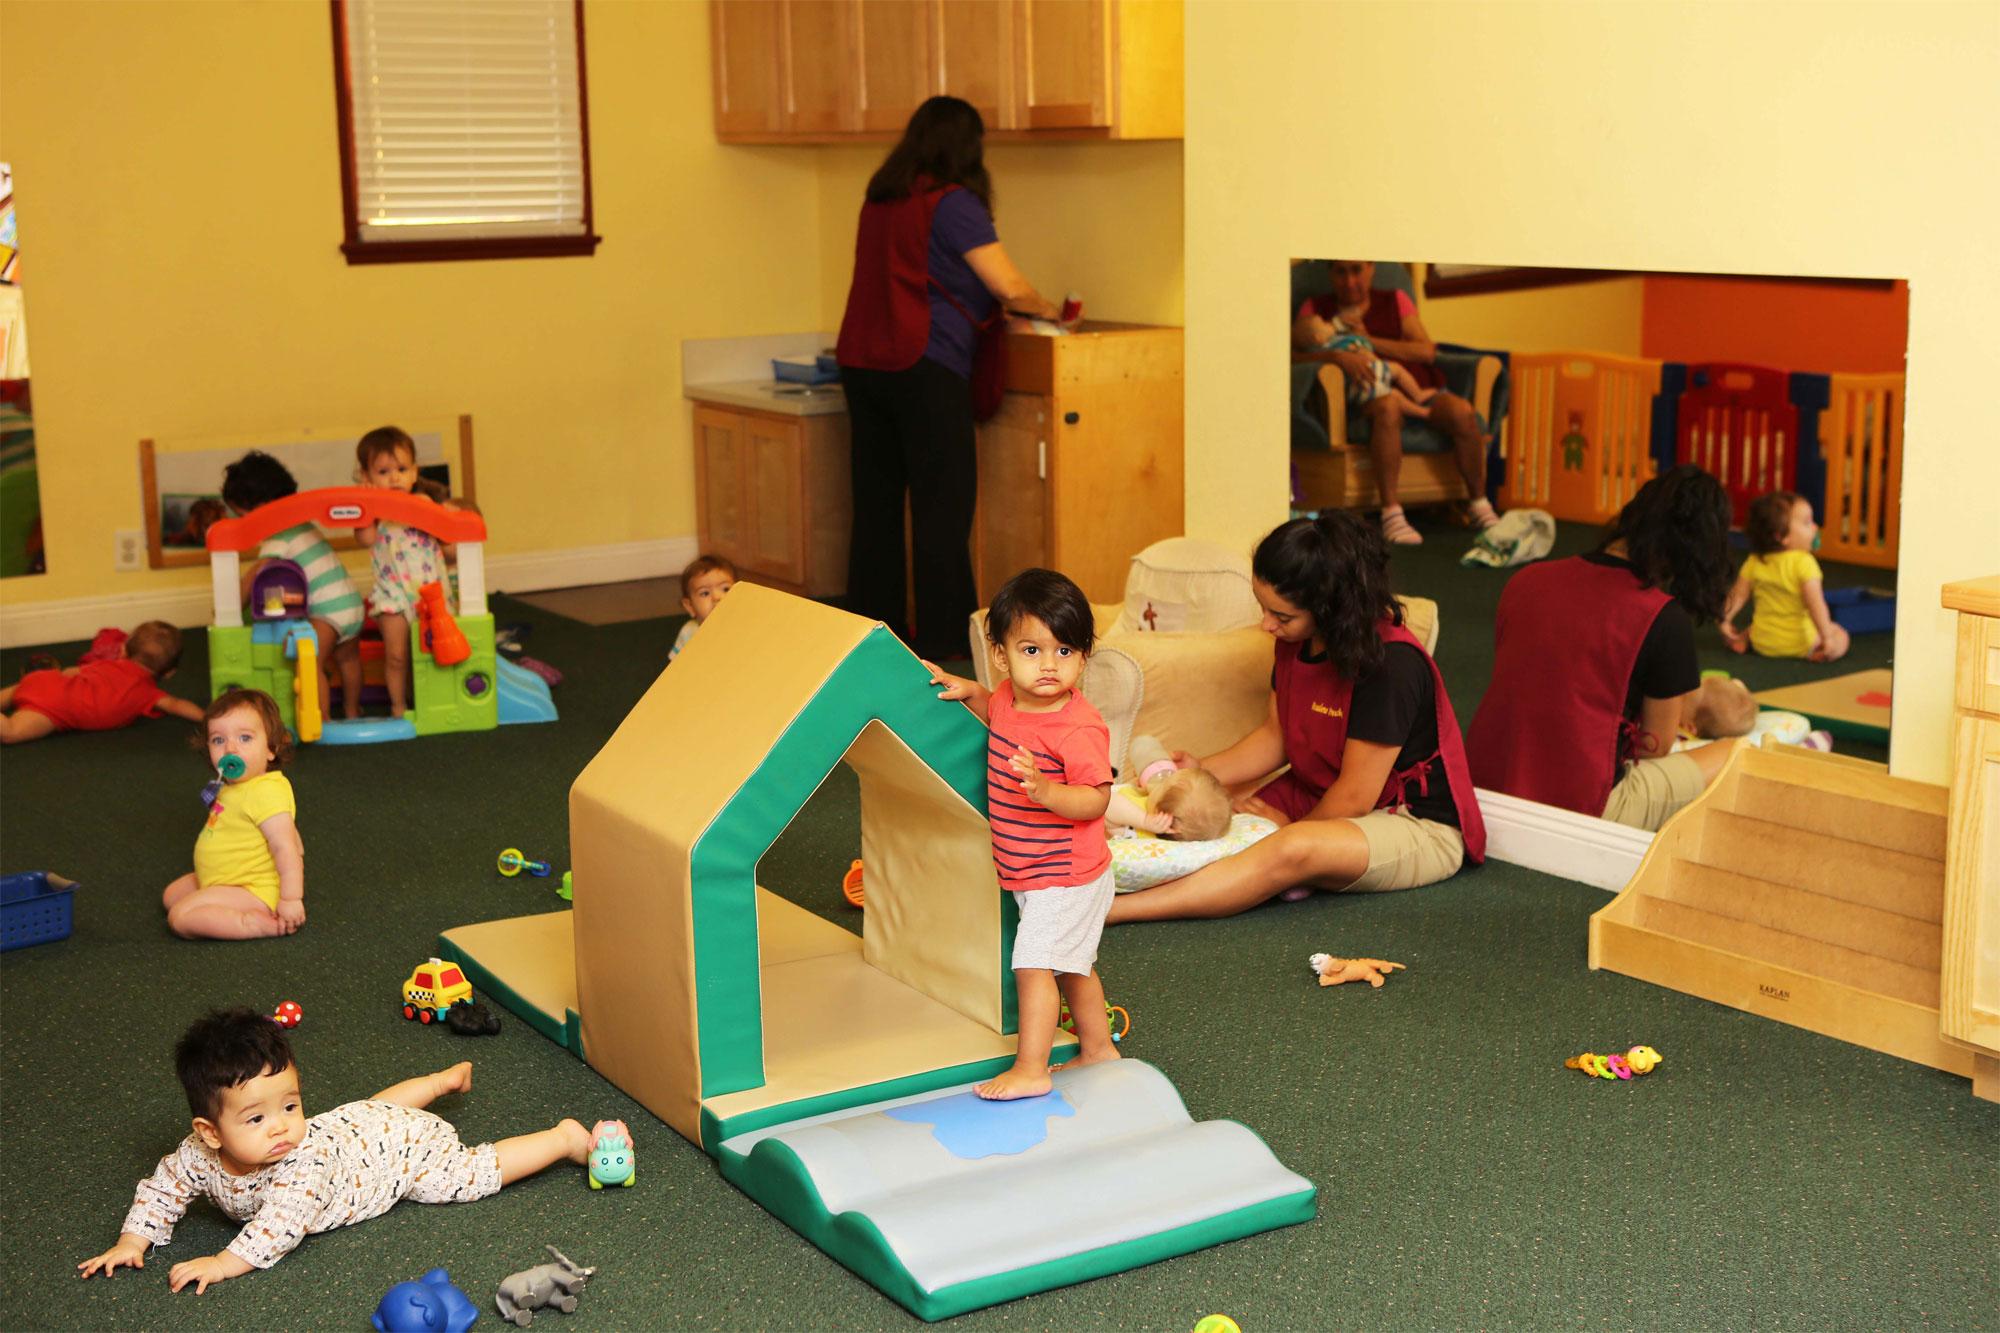 pasadena preschool academy Infant Care